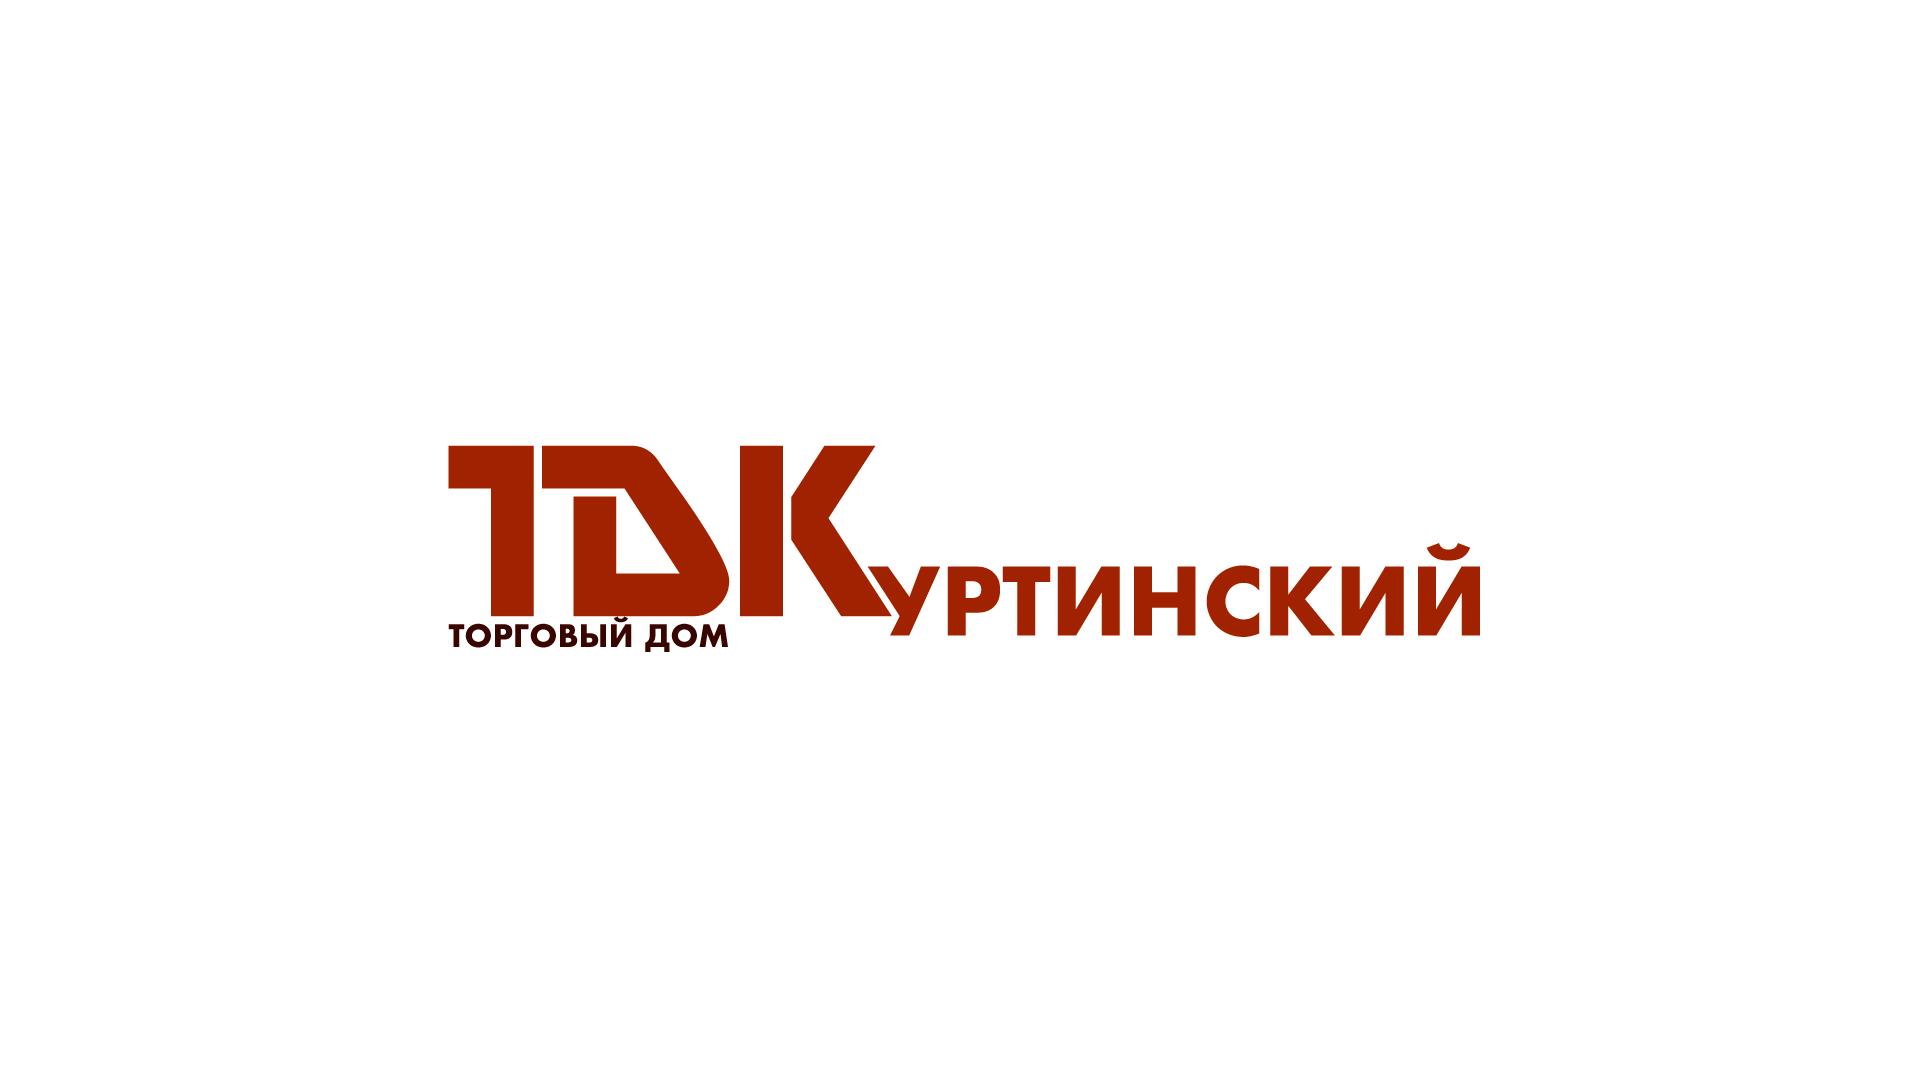 Логотип для камнедобывающей компании фото f_7695ba0a38bcbbca.png